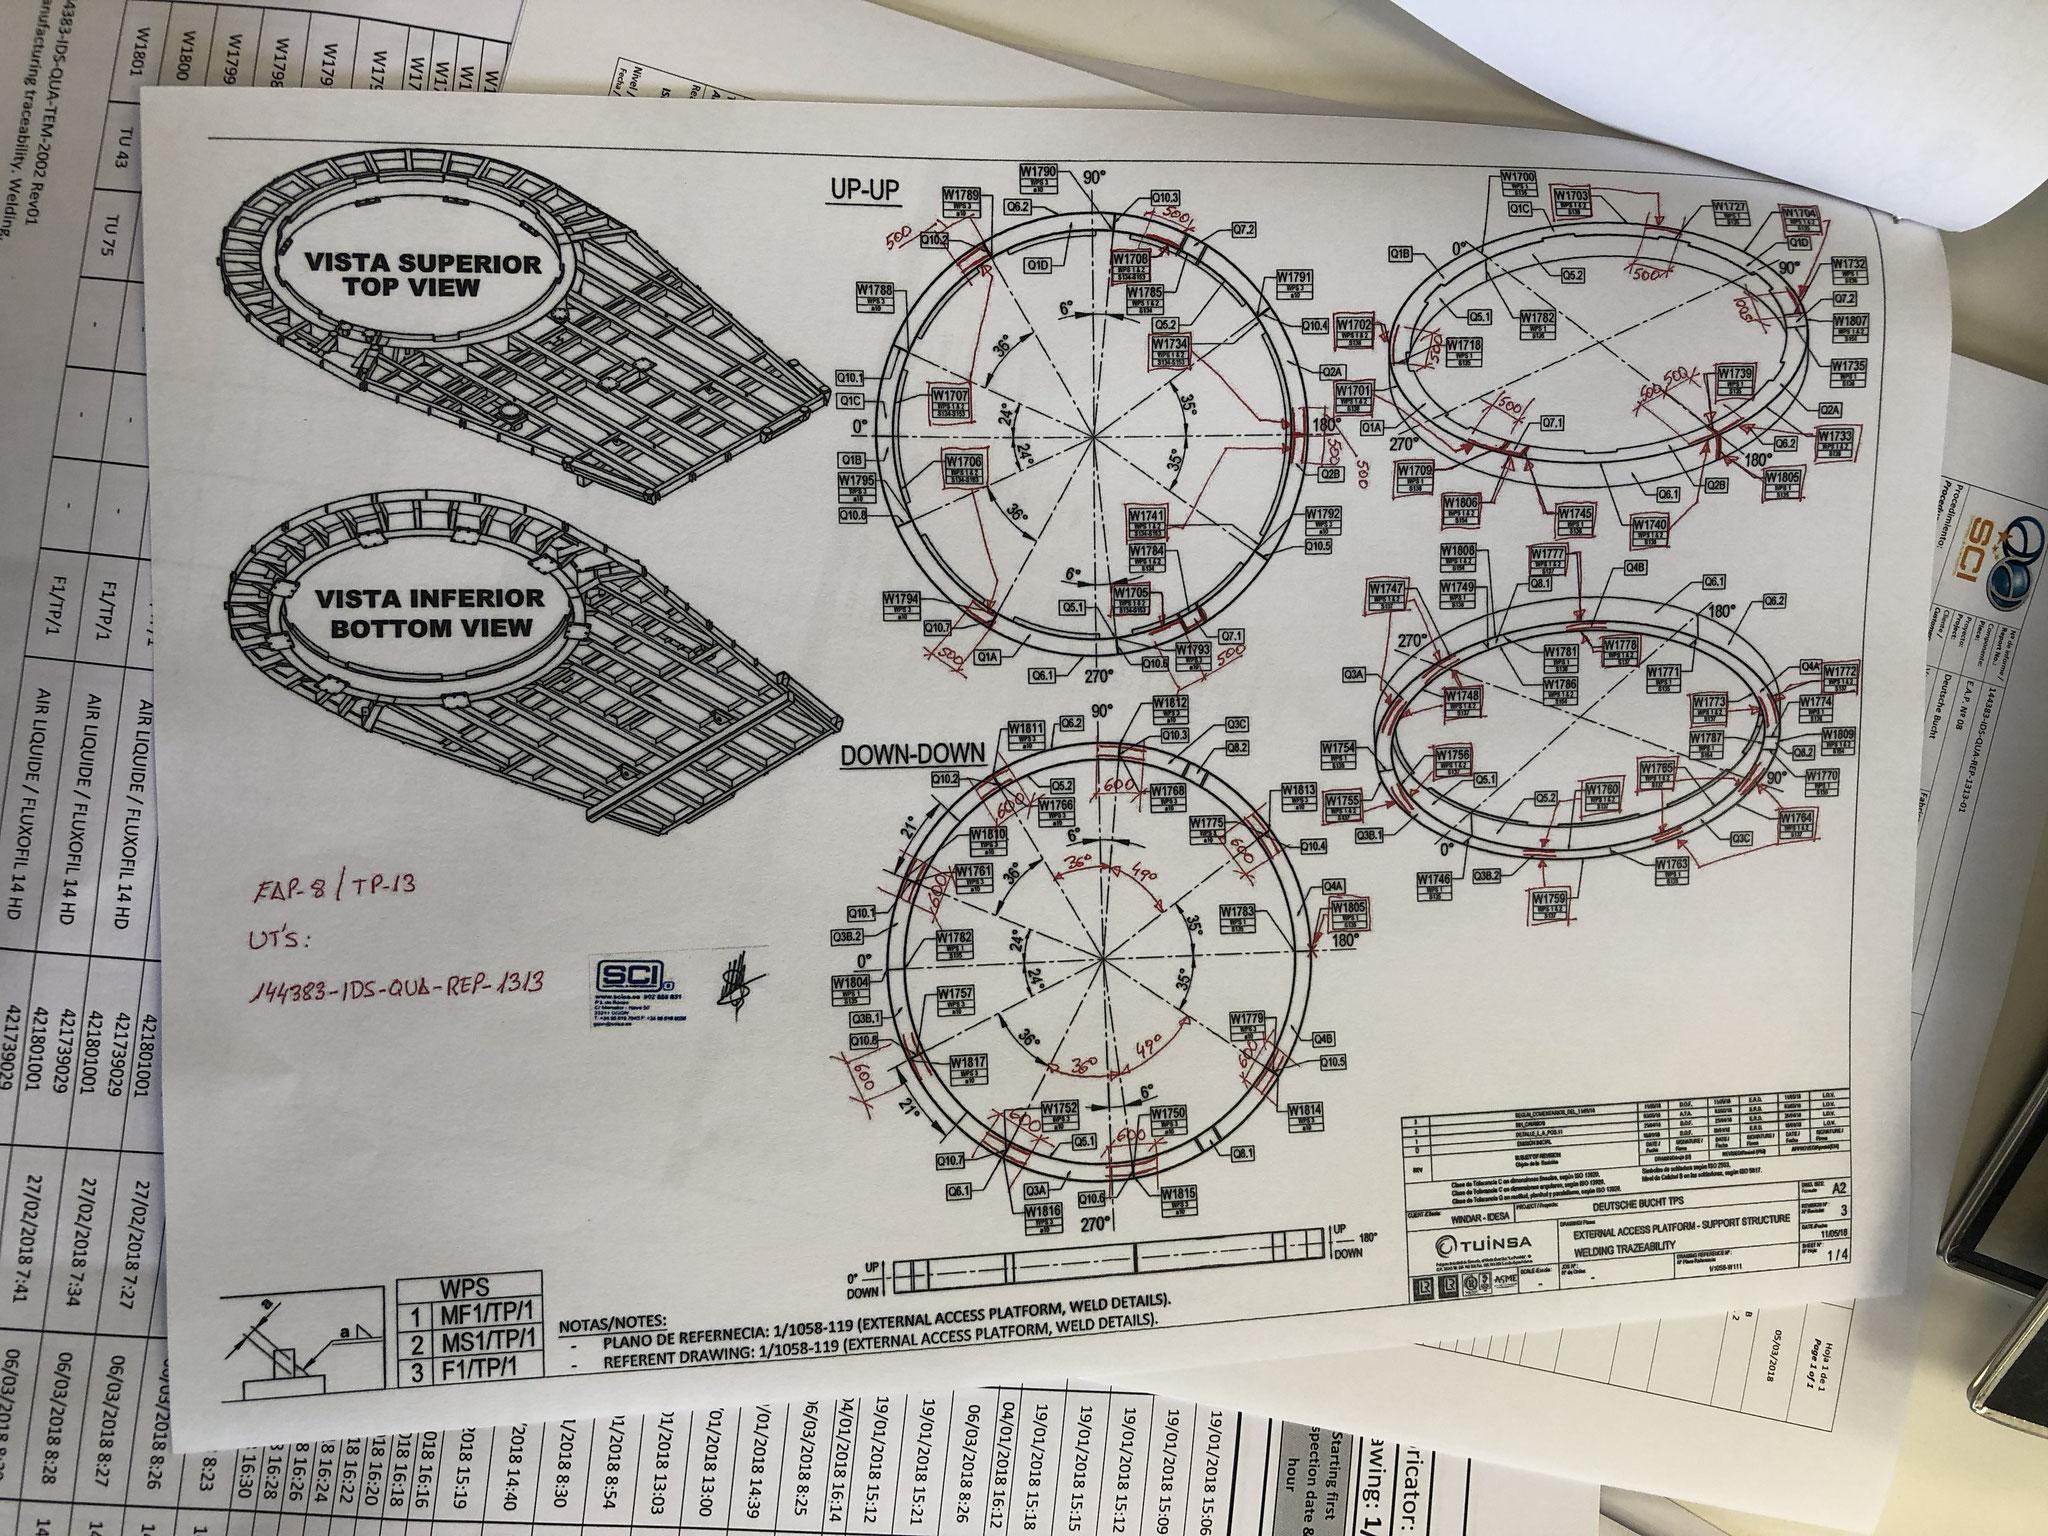 Zuordnung nach Zeichnungen für die einzelnen Bauteile bzw. Bauteilgruppen